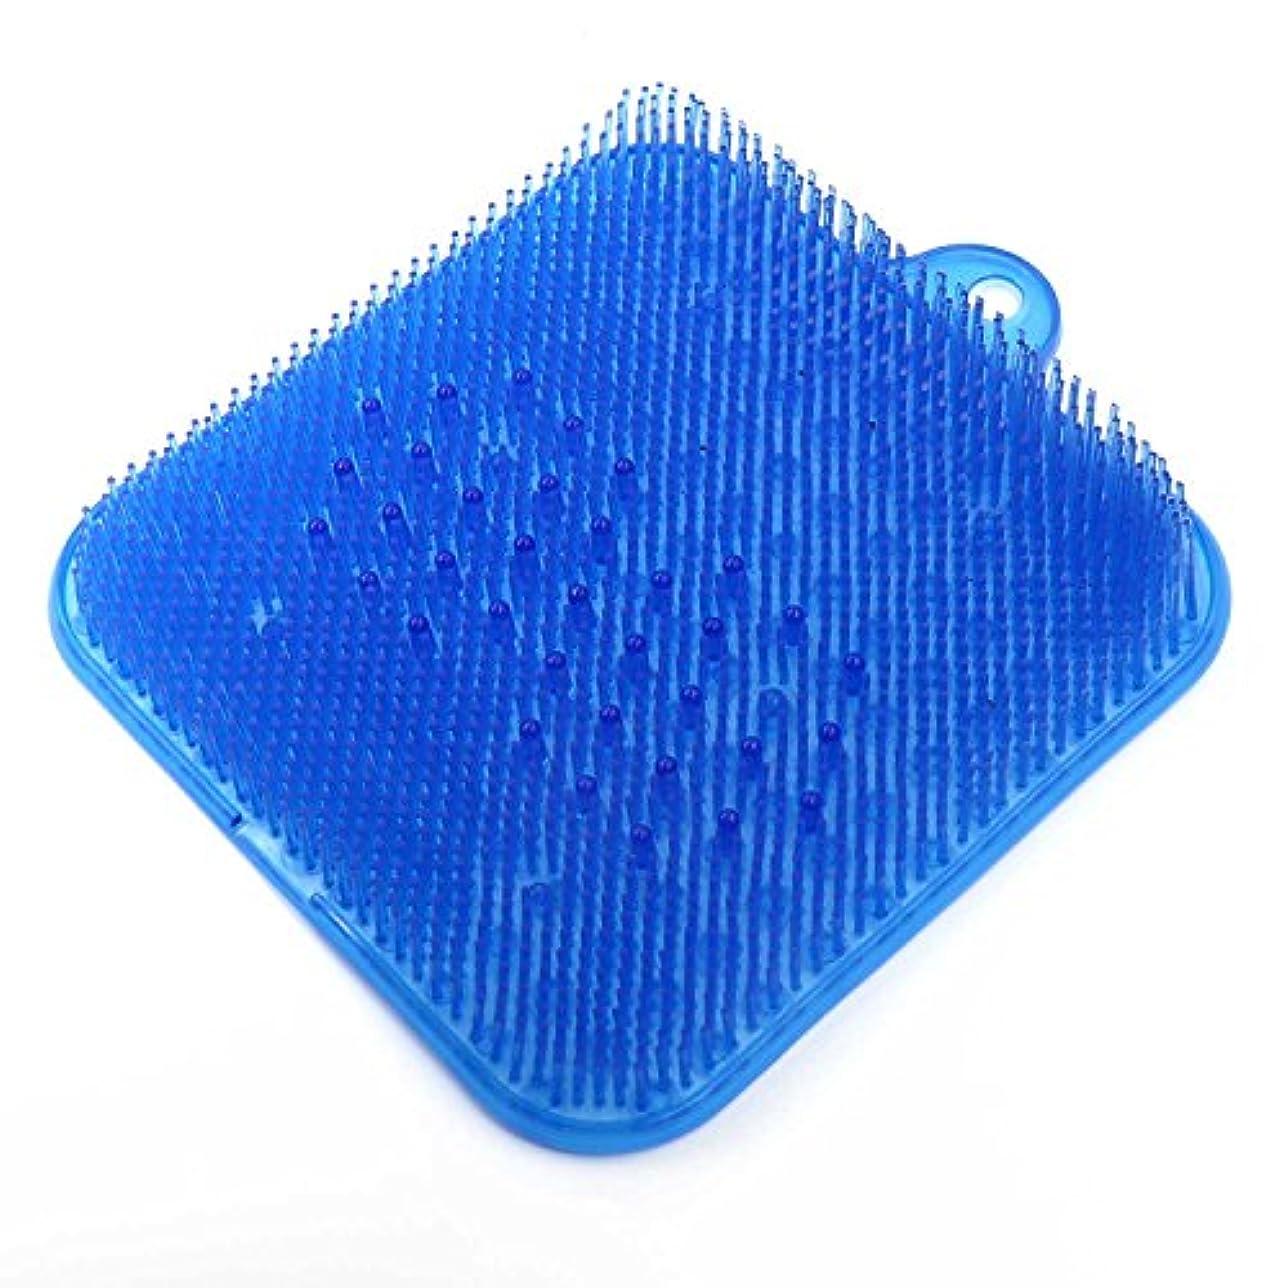 はちみつワーカー多用途DigHealth 足洗いマット ブルー